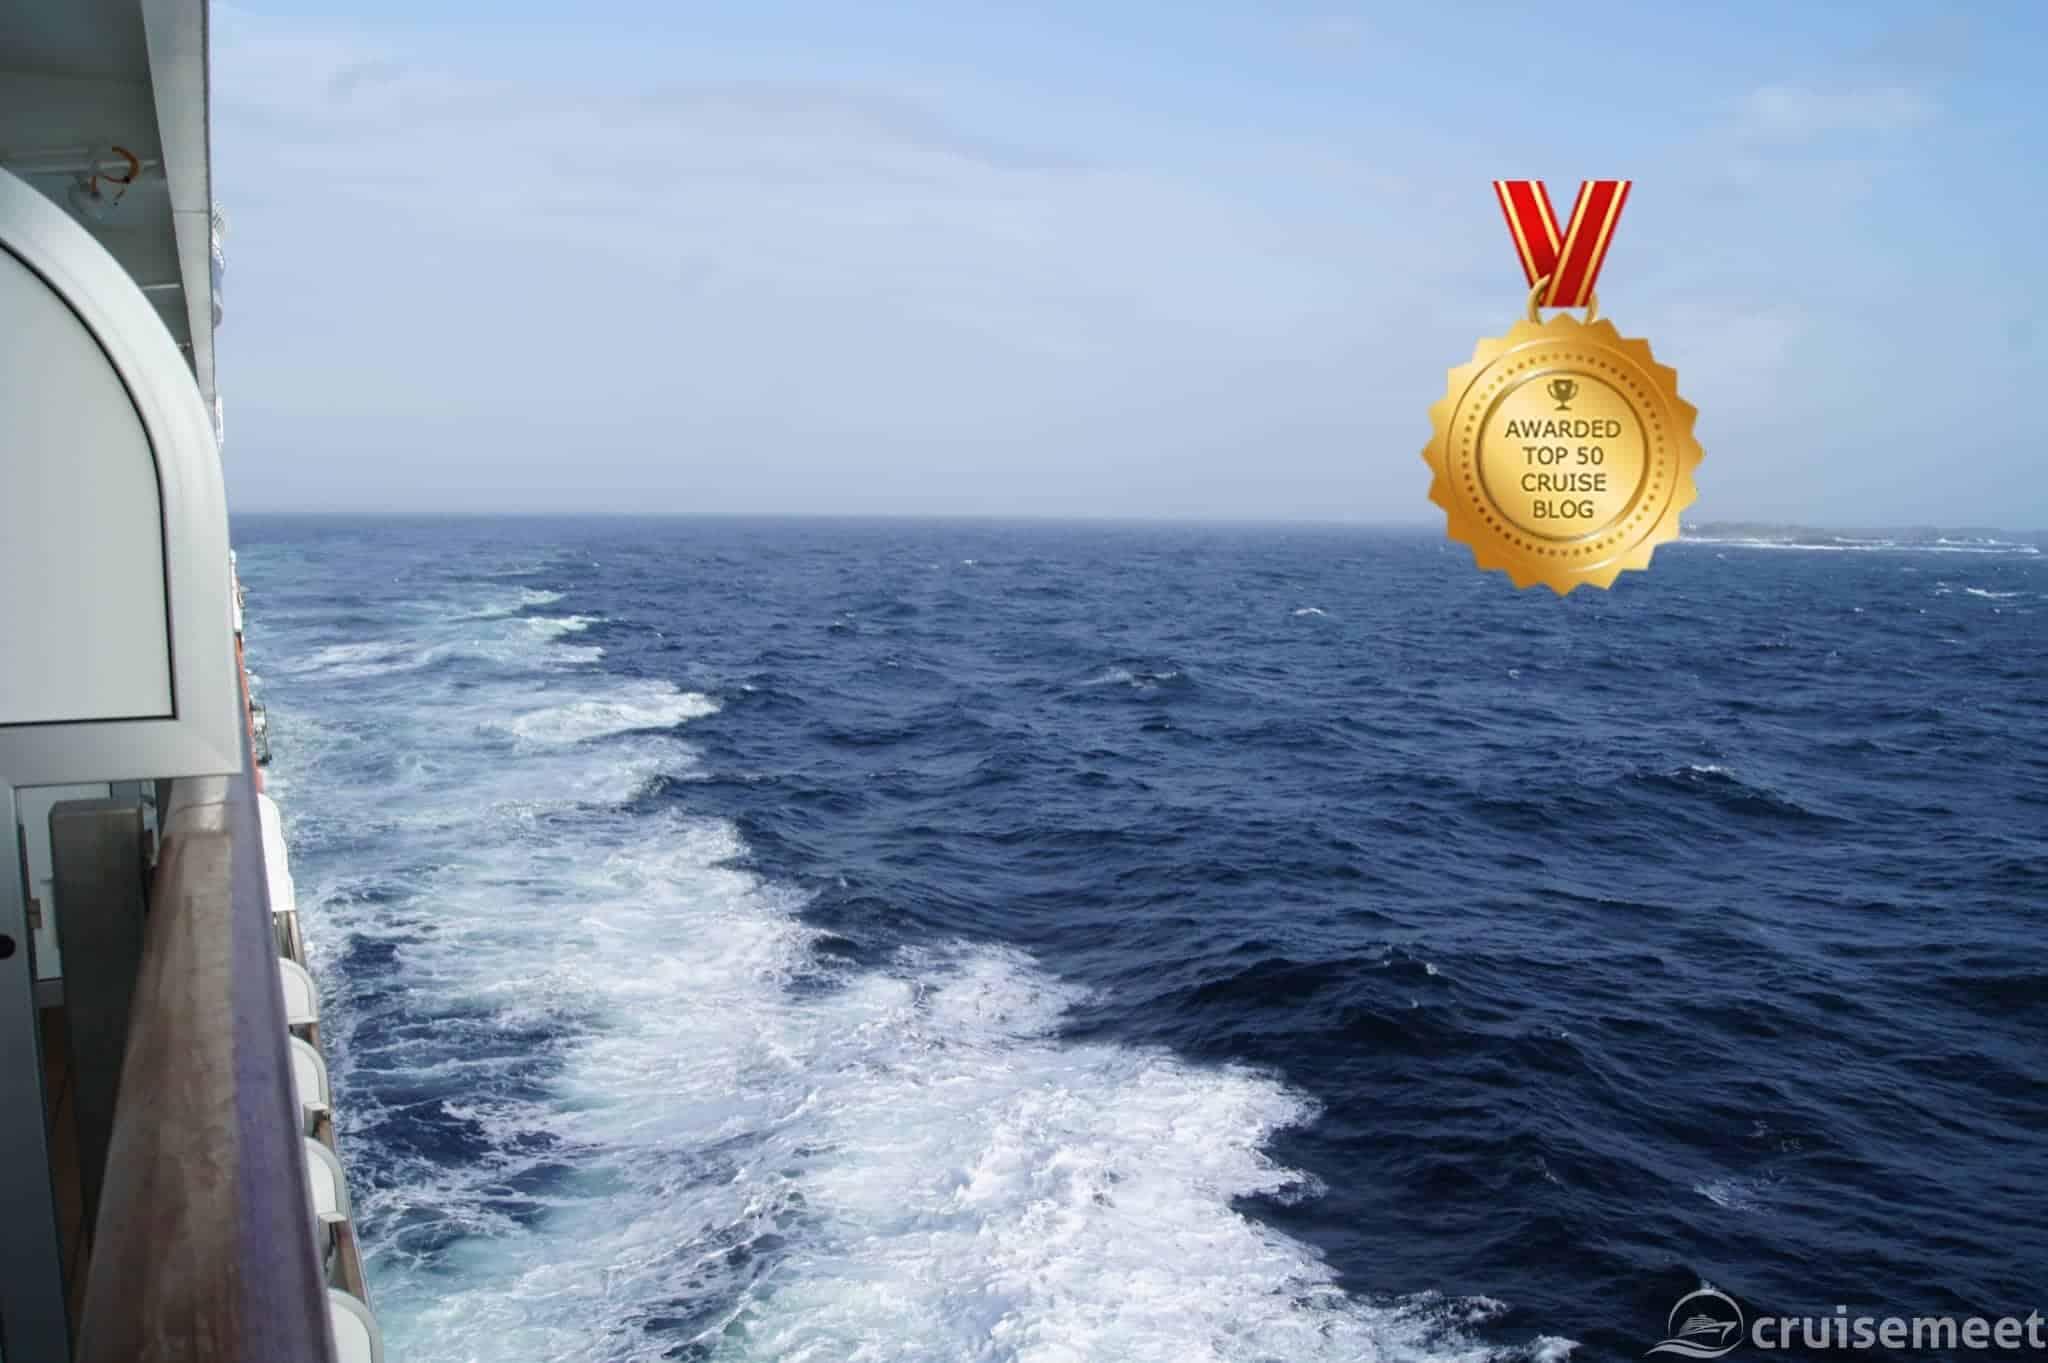 Queen Elizabeth in the Norwegian Sea